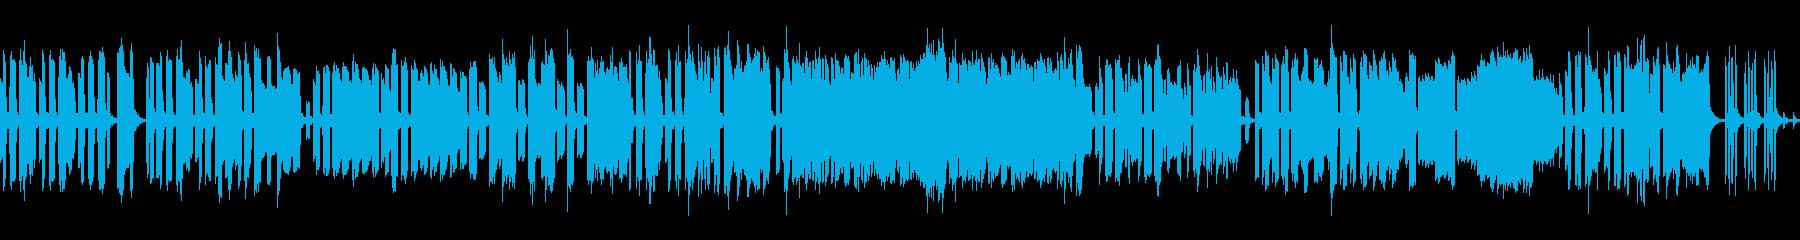 おとぼけ・コミカル・ユーモラス レトロ風の再生済みの波形